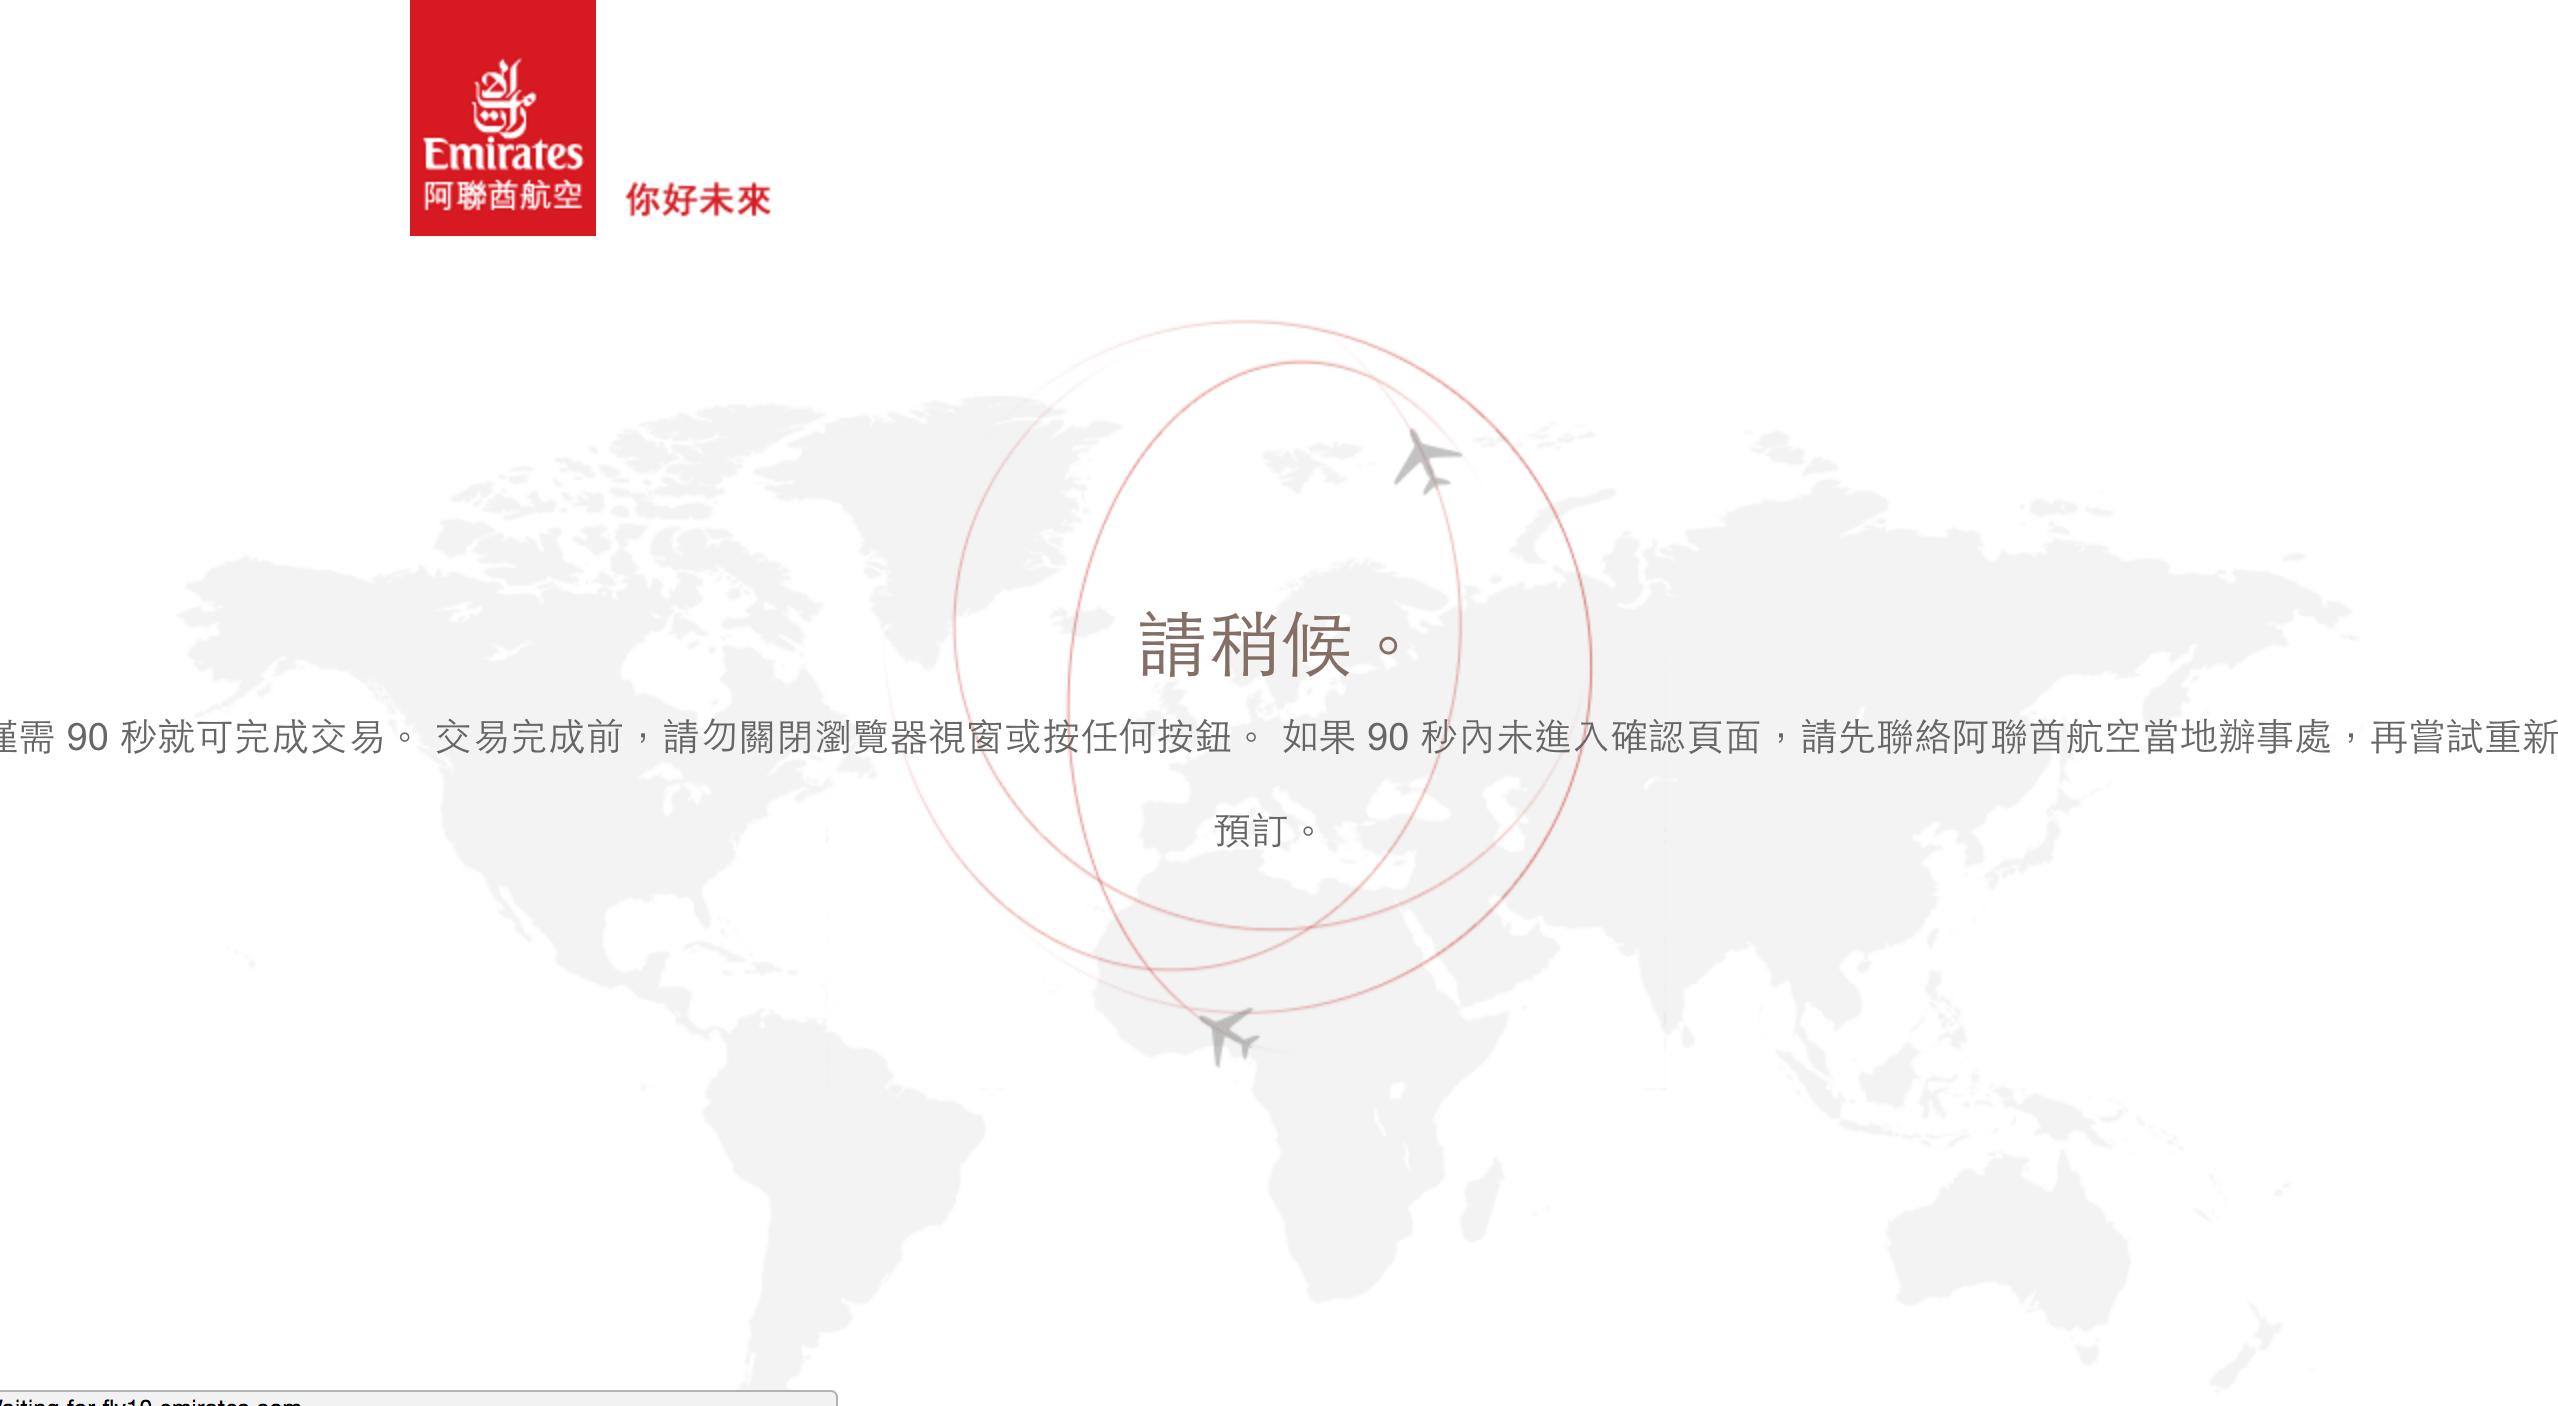 阿聯酋航空 Emirates 線上機票購買教學